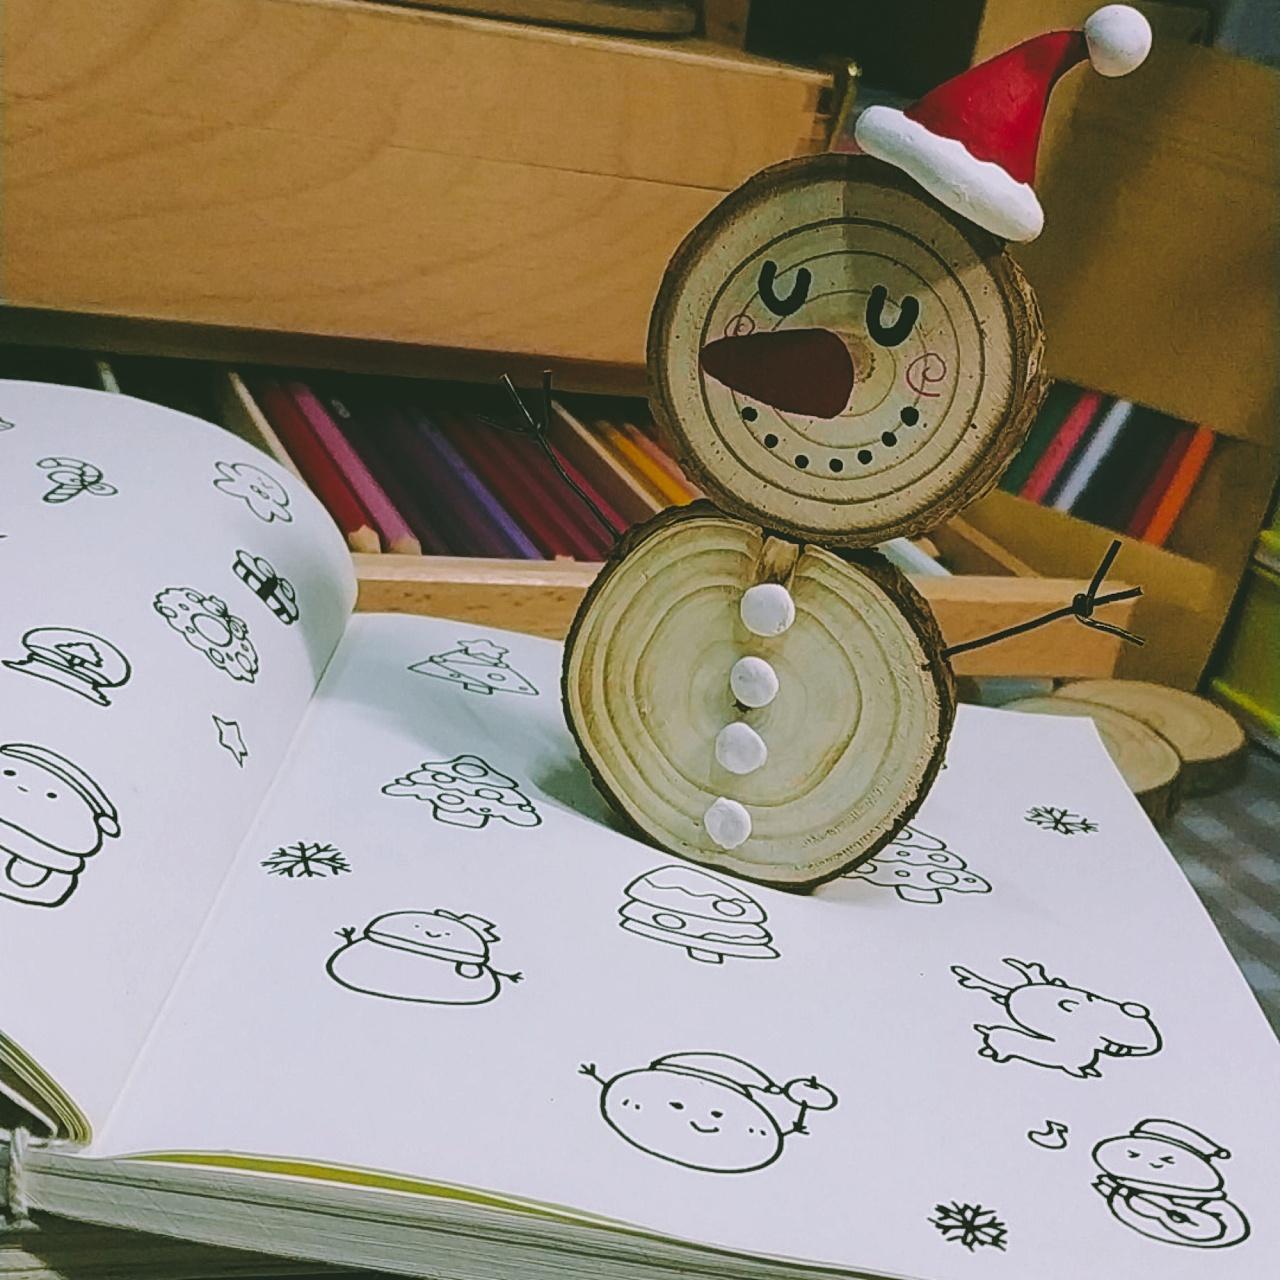 『木片手作』圣诞手工diy木片雪人图片